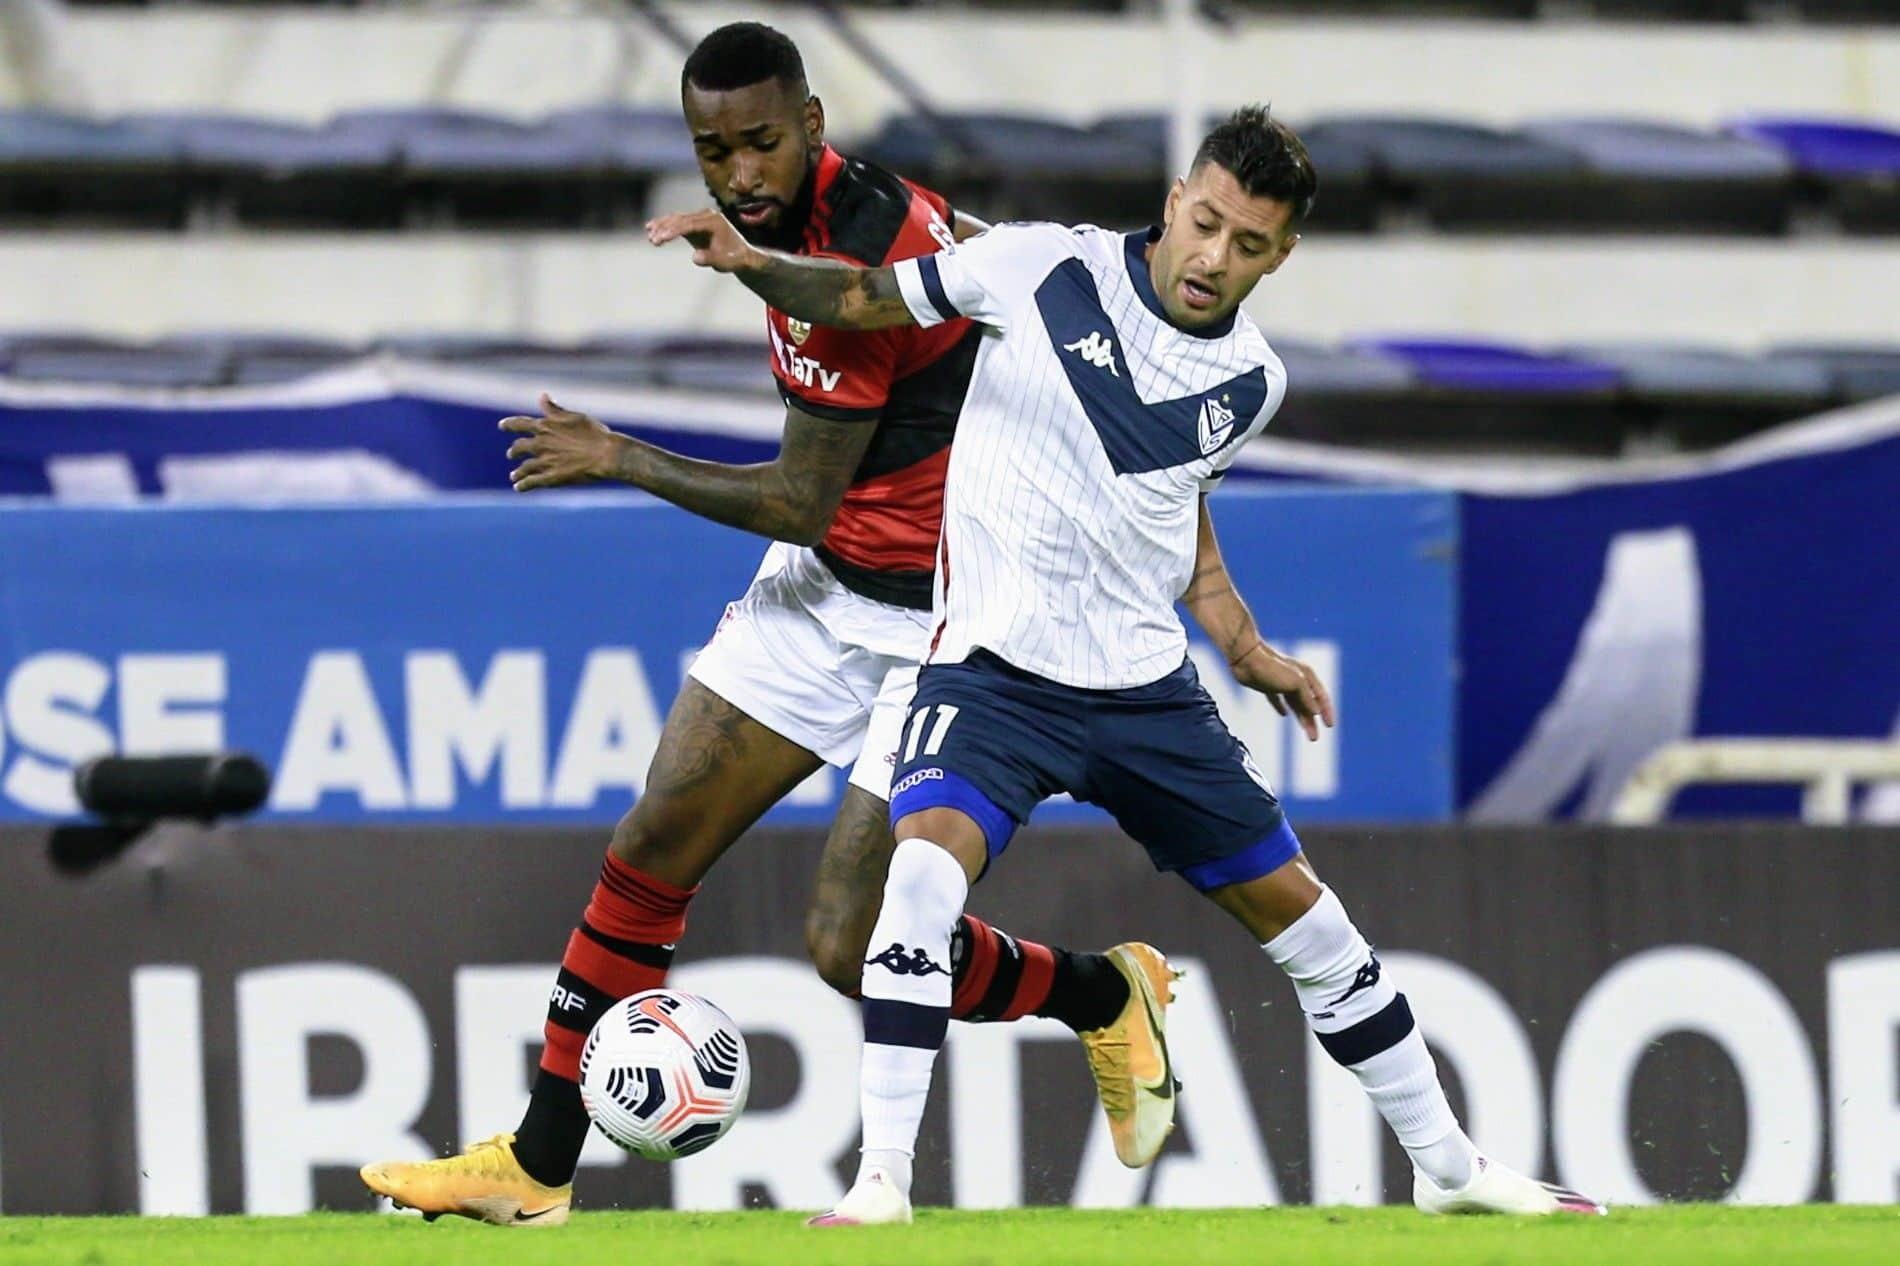 Vélez debutó en la Copa Libertadores con una derrota ante Flamengo